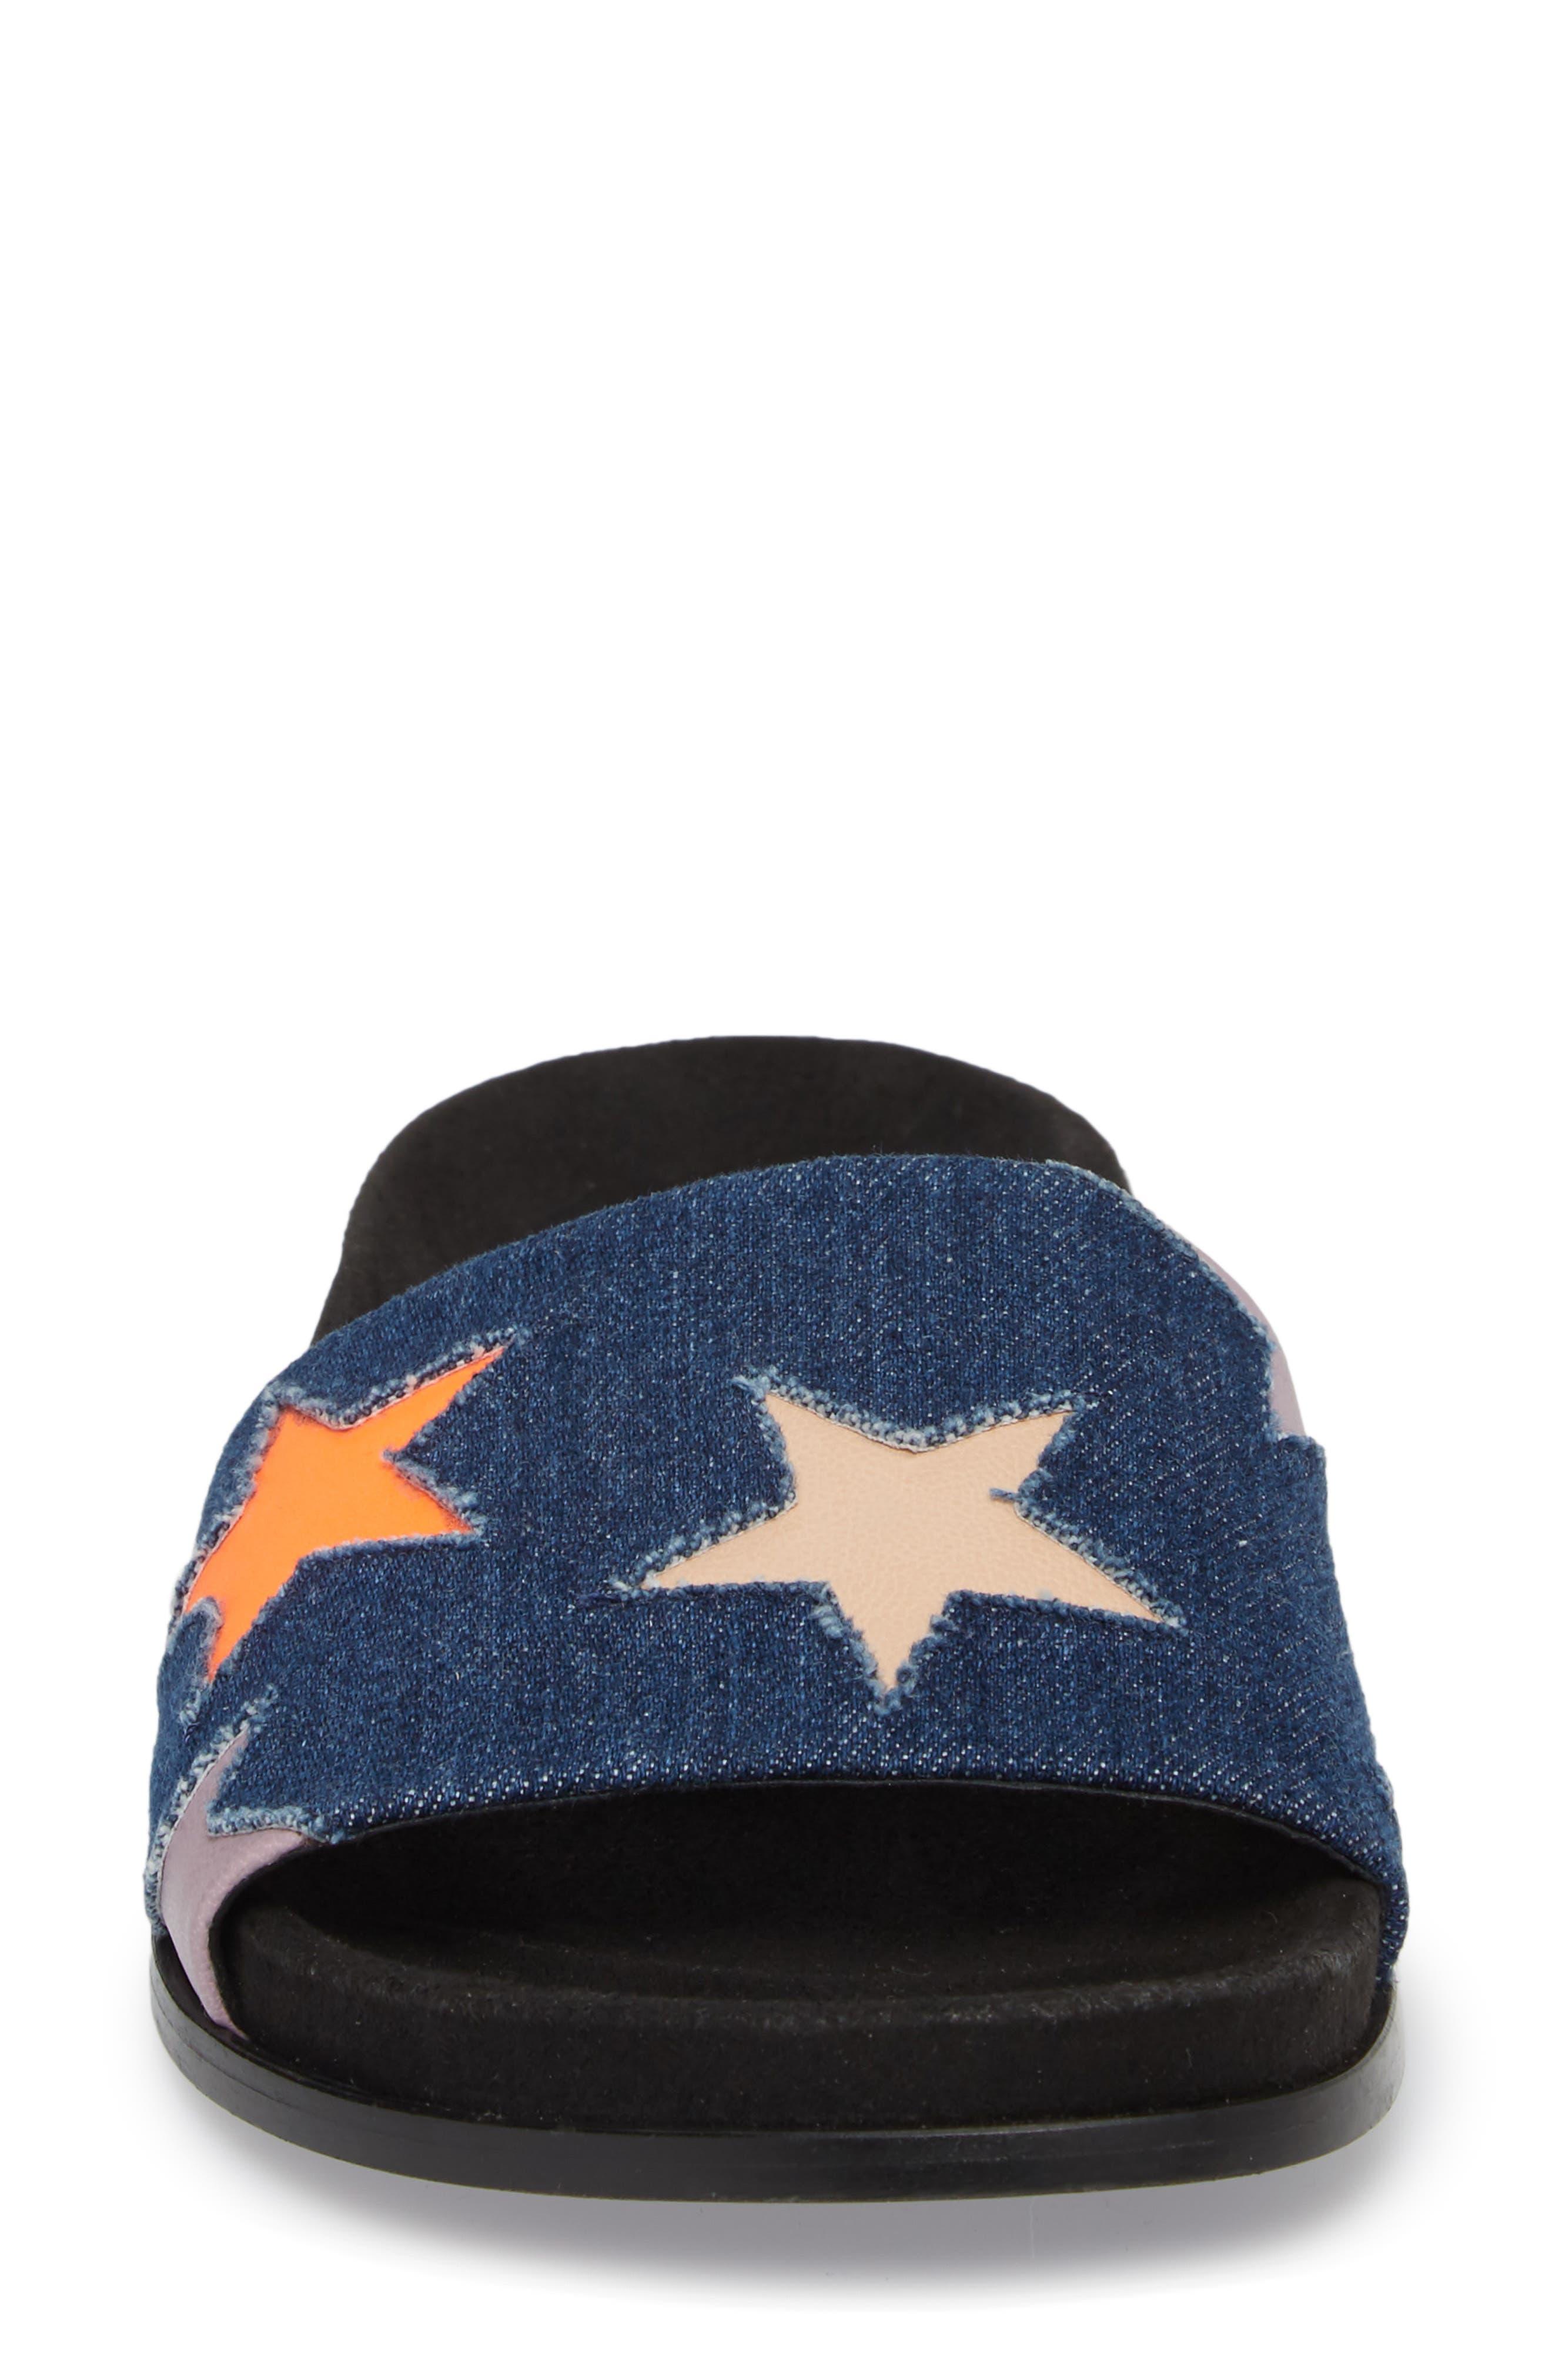 Star Slide Sandal,                             Alternate thumbnail 5, color,                             Navy